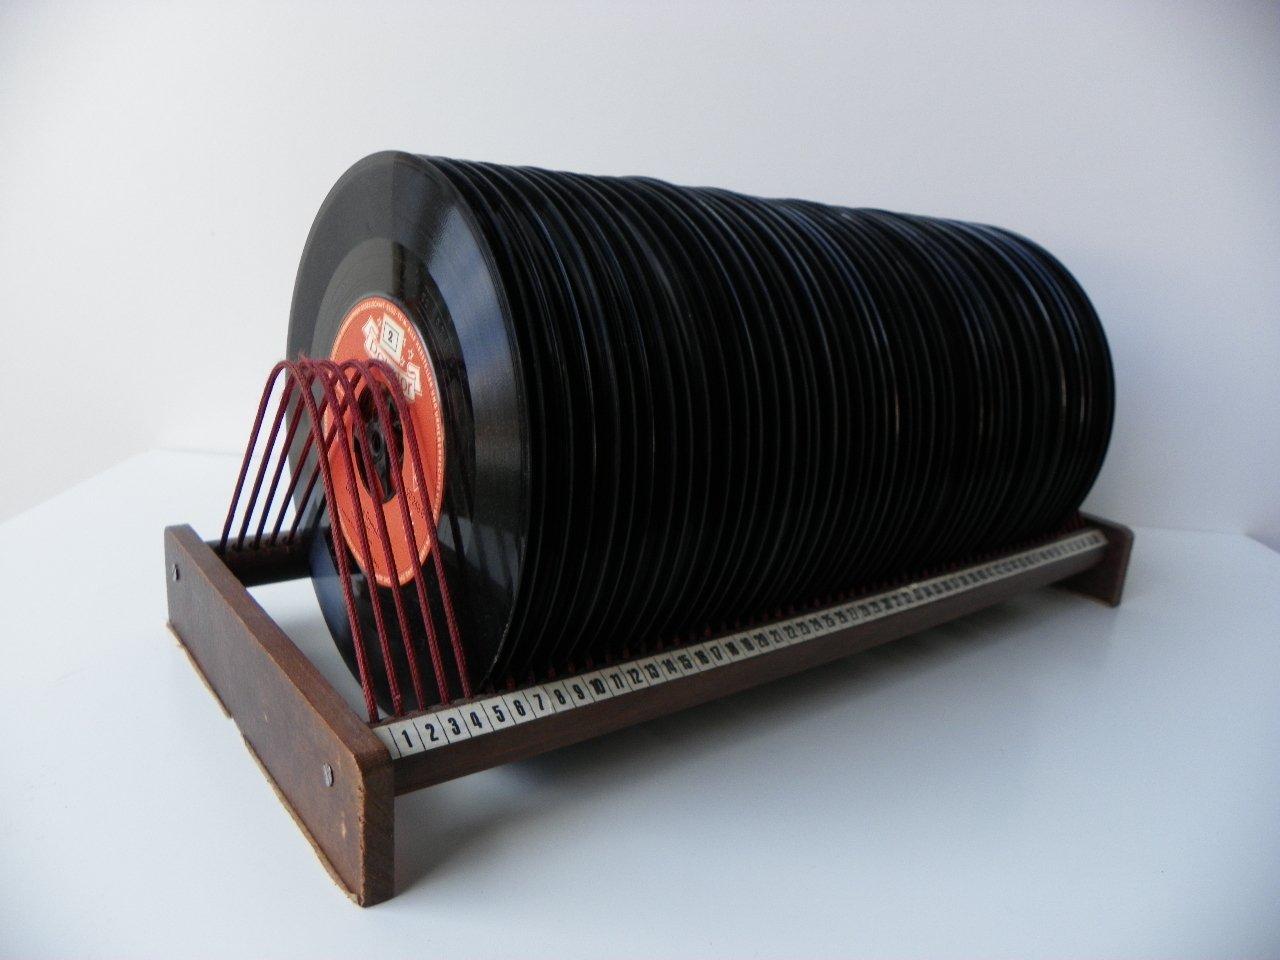 Bac A Vinyl : bac disques vinyle avec disques 1950s en vente sur pamono ~ Teatrodelosmanantiales.com Idées de Décoration